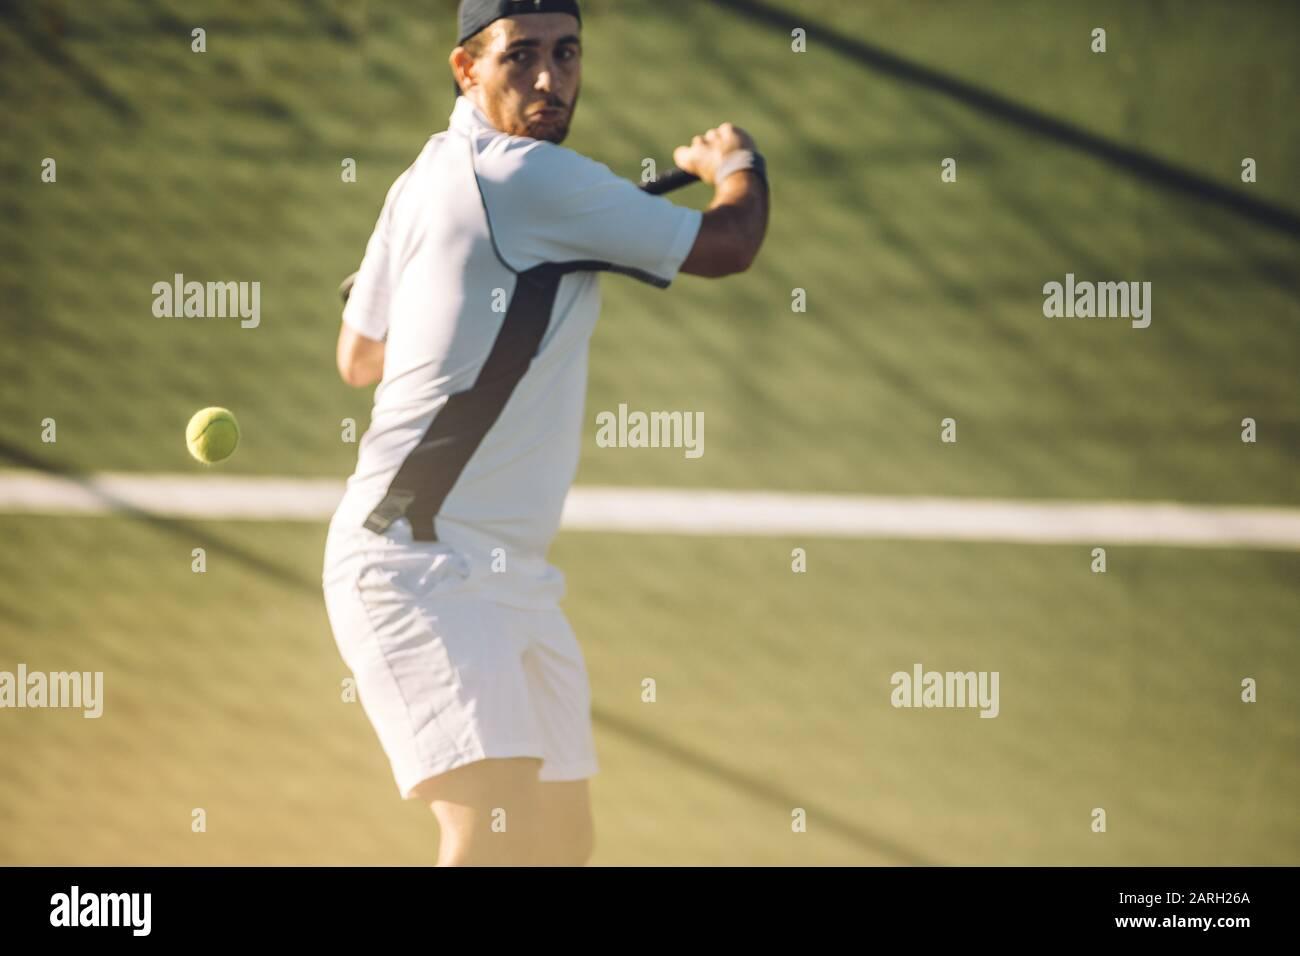 Joven jugador de tenis masculino golpeando una poderosa mano trasera durante un partido. Jugador de tenis jugando al tenis en una pista de tenis. Foto de stock